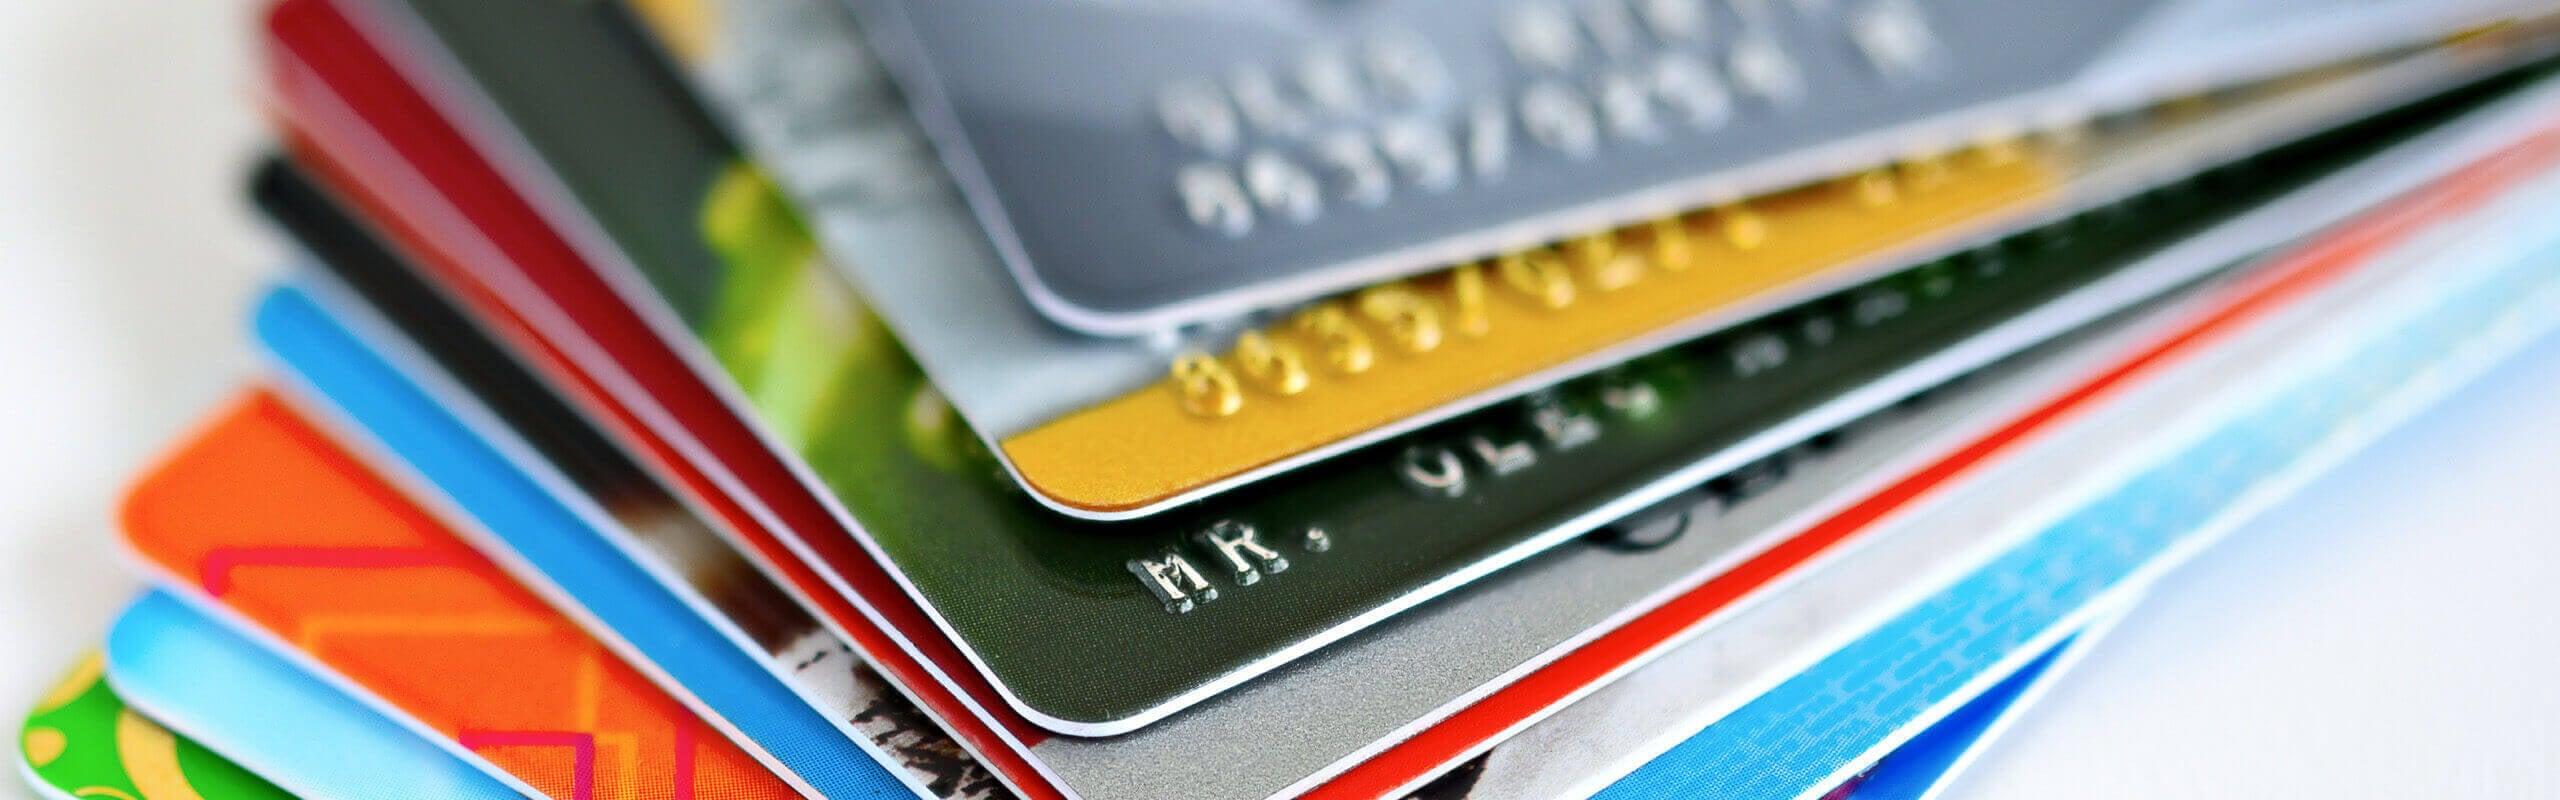 Beberapa Perbedaan Kartu Debit dan Kredit Secara Mendasar